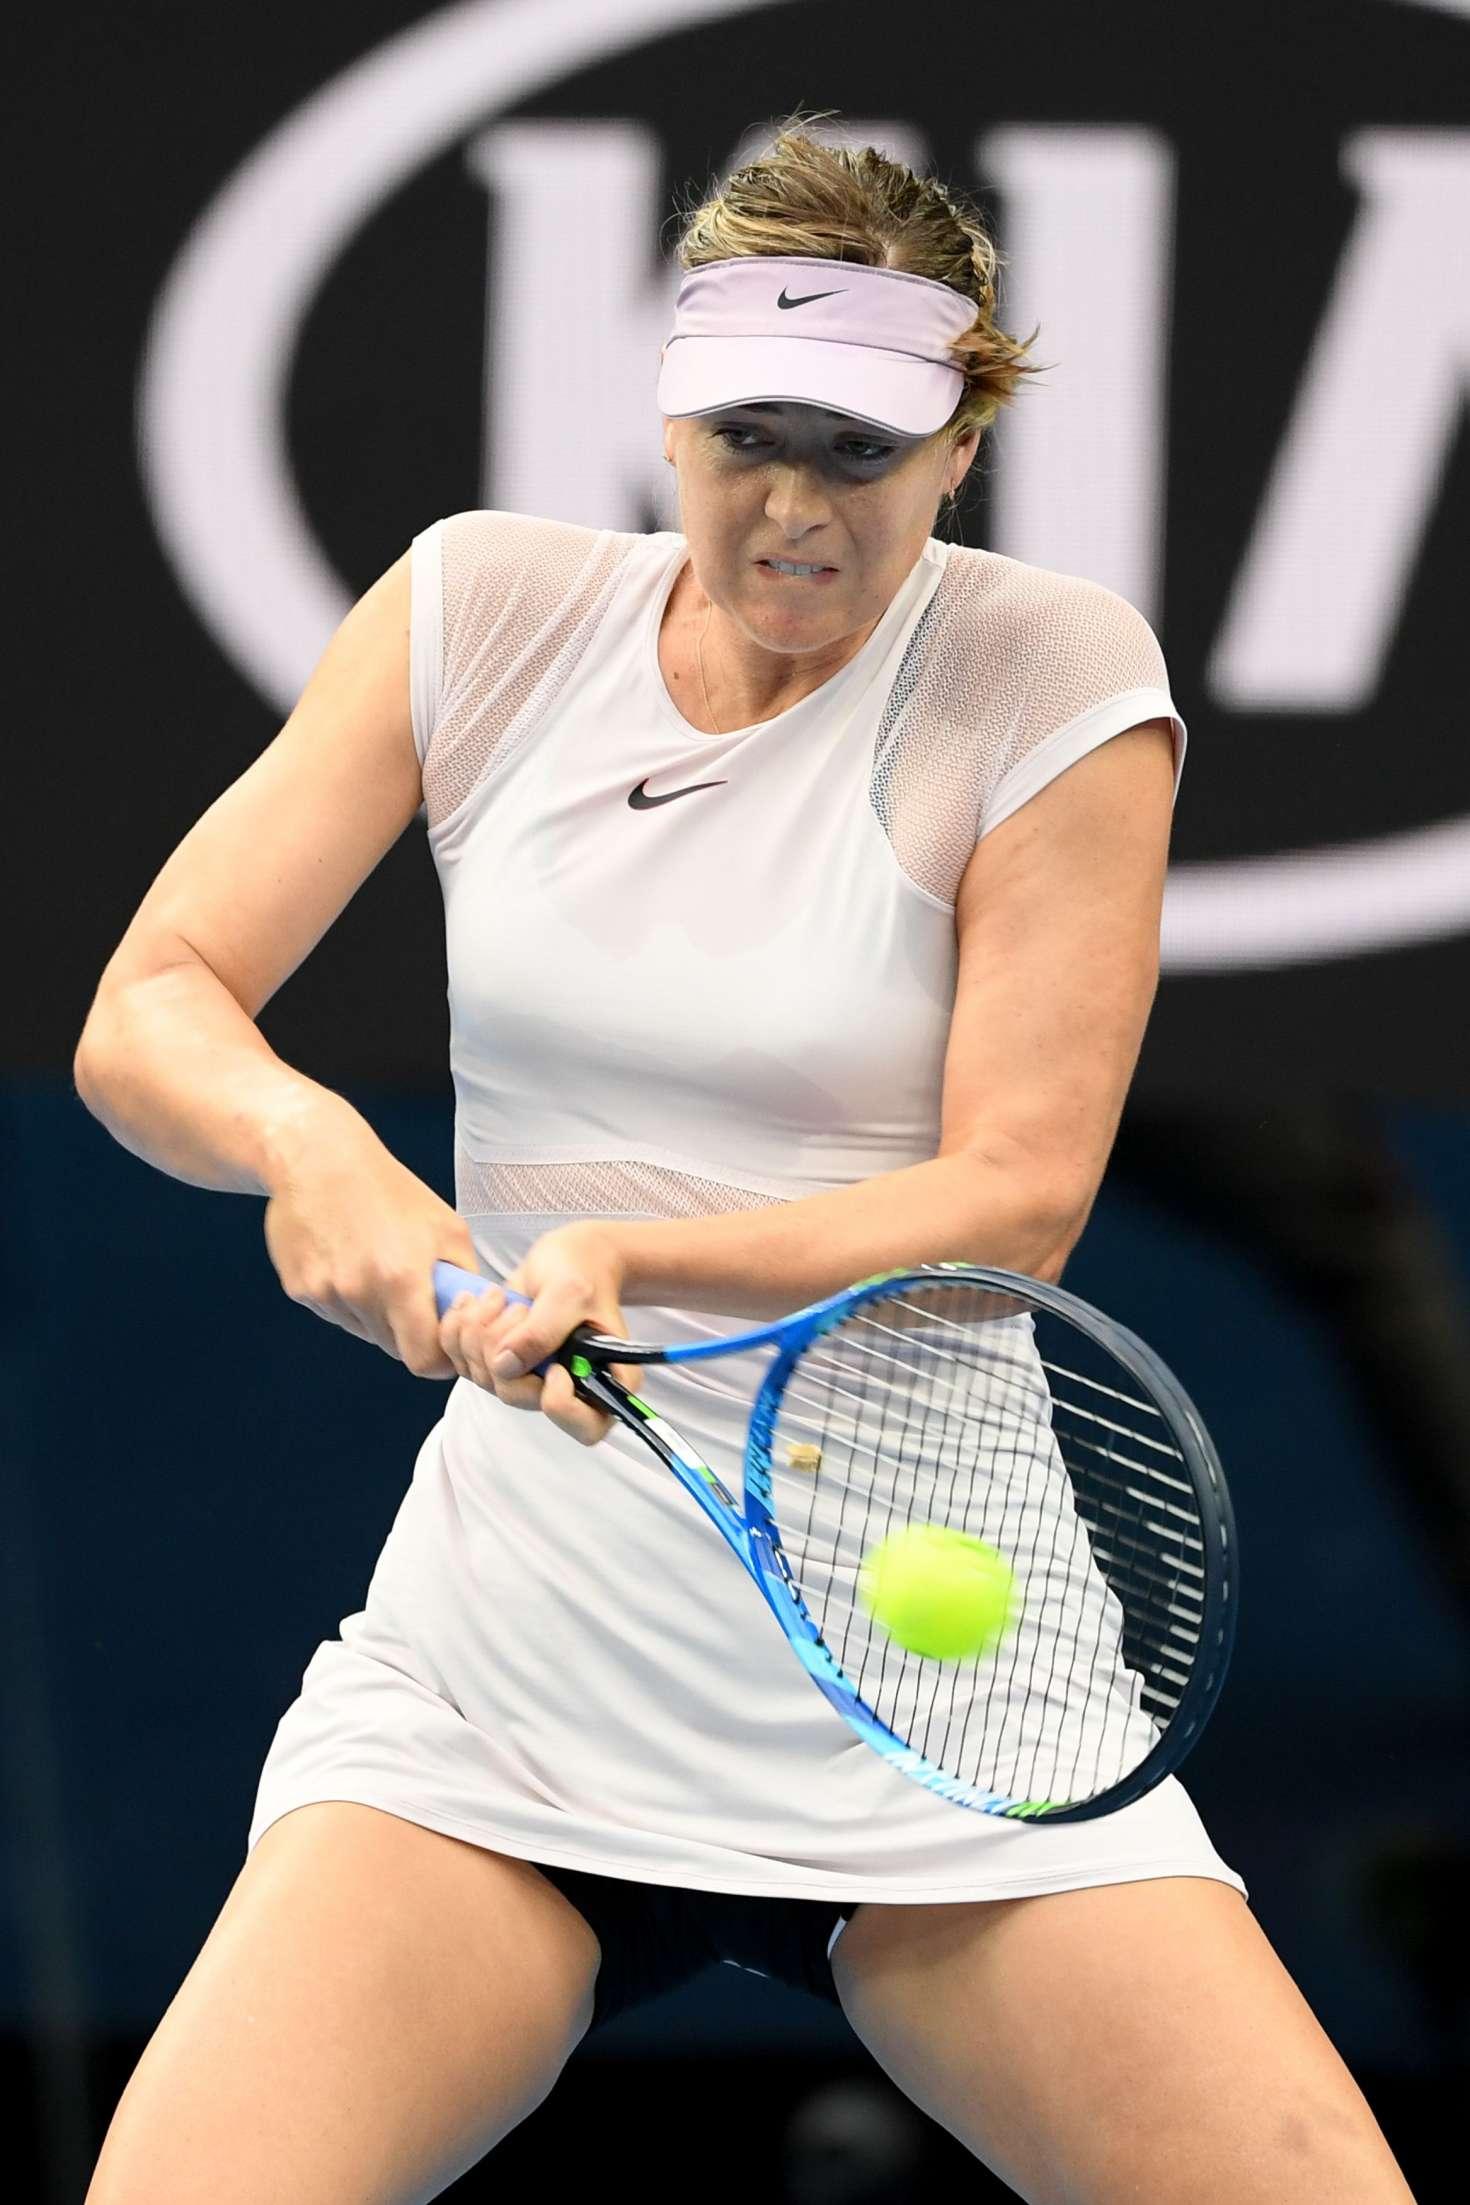 Maria Sharapova 2018 Australian Open in Melbourne Day